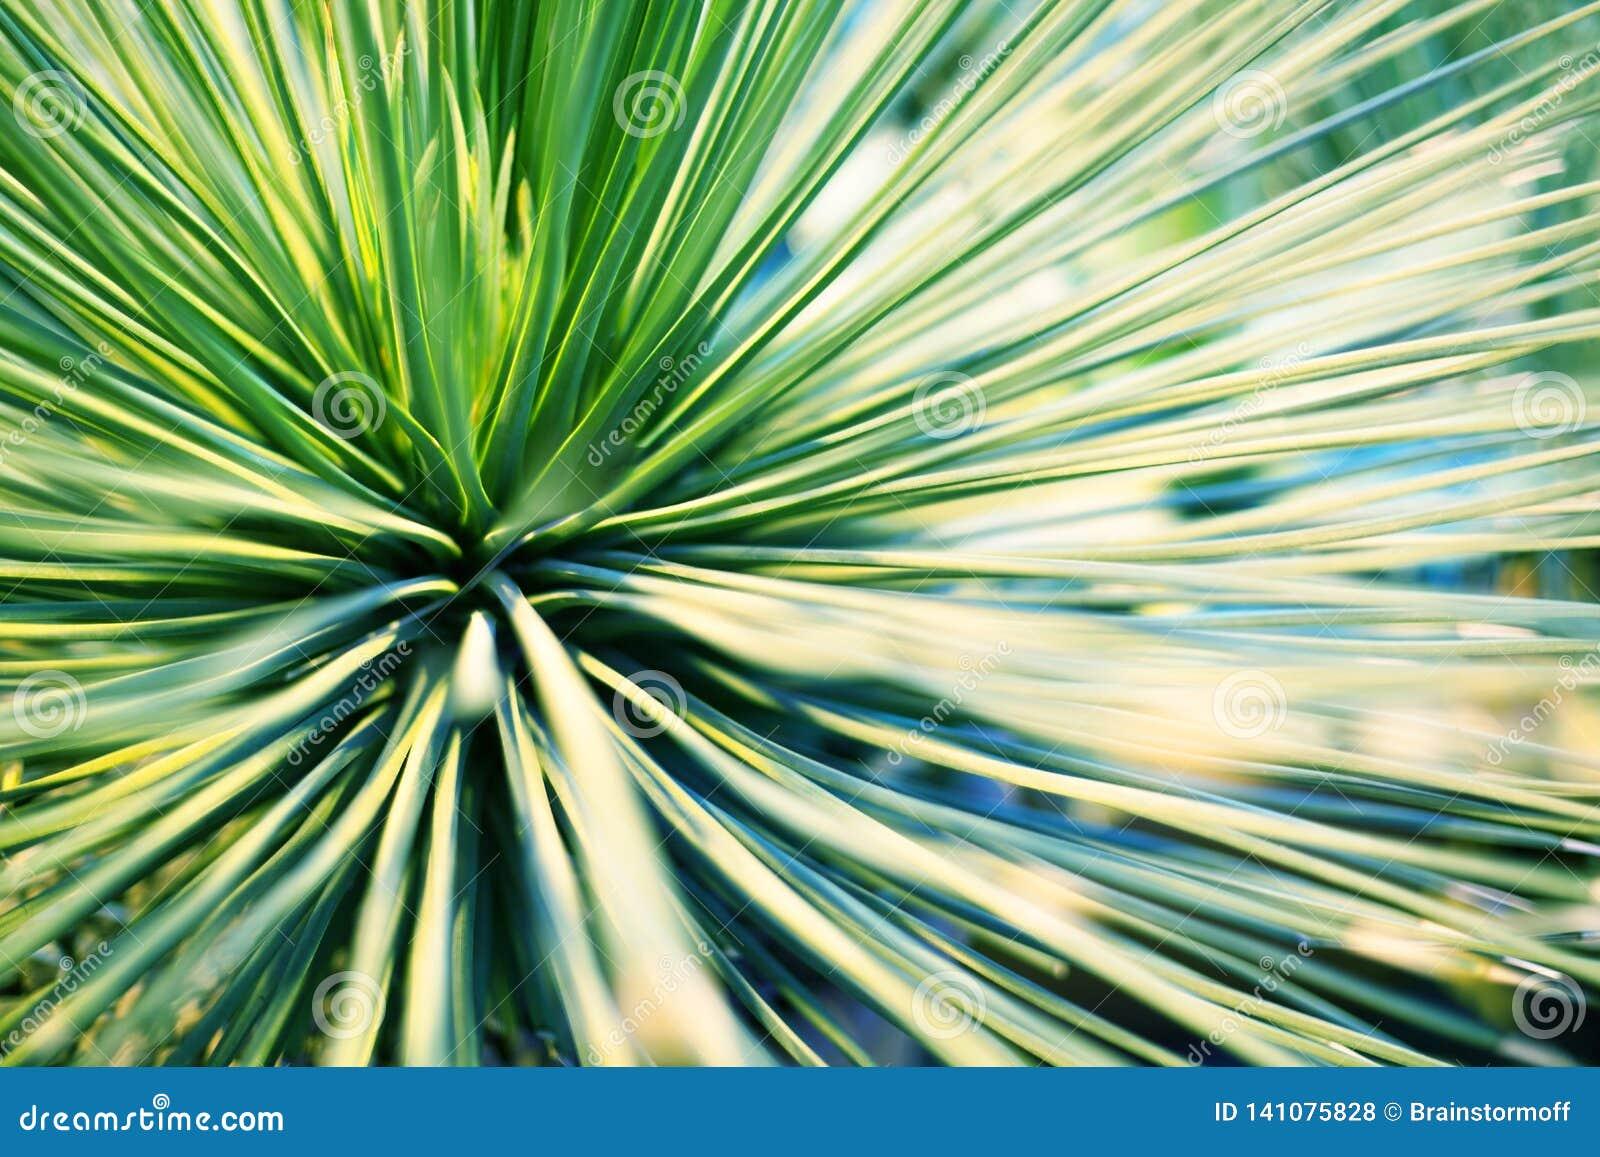 Folhas verde-clara da palmeira ou houseplant decorativo do macro borrado do close up do fundo